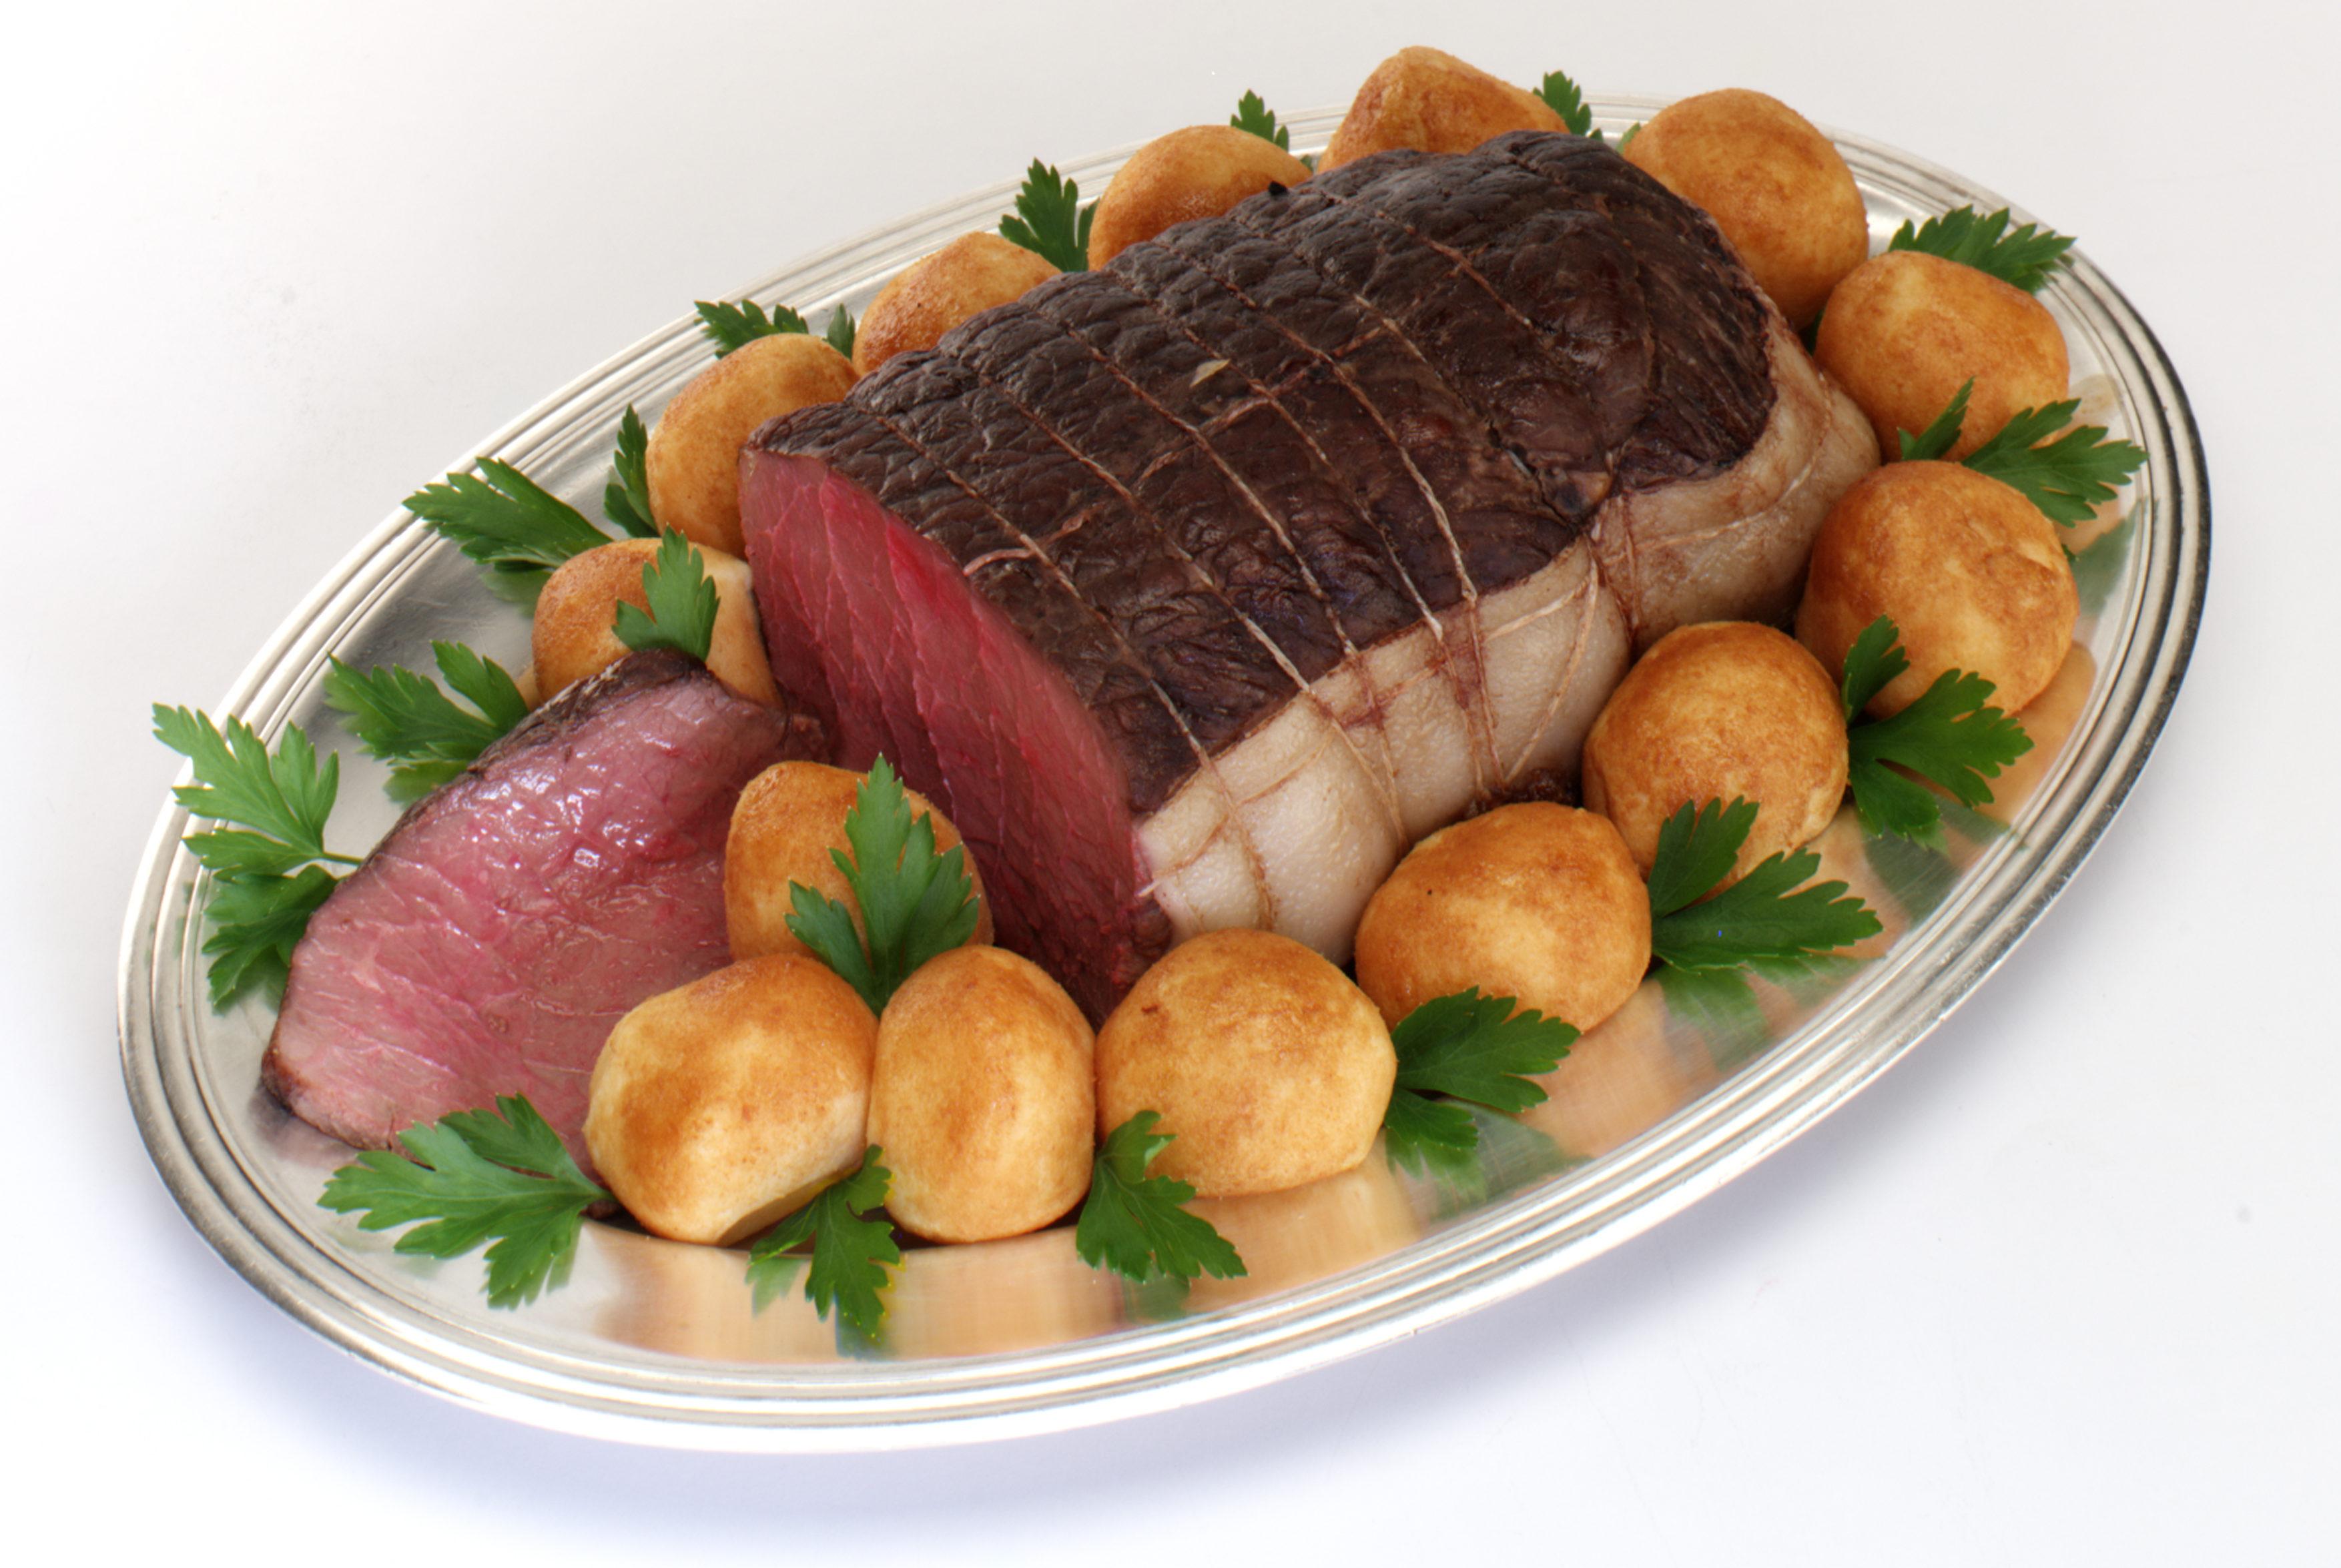 viande boeuf-Saveurs de nos fermes-Magasin de producteurs Saveurs de nos fermes -Albertville-Gilly Sur Isère-savoie- vente directe- agriculteur-produits locaux-